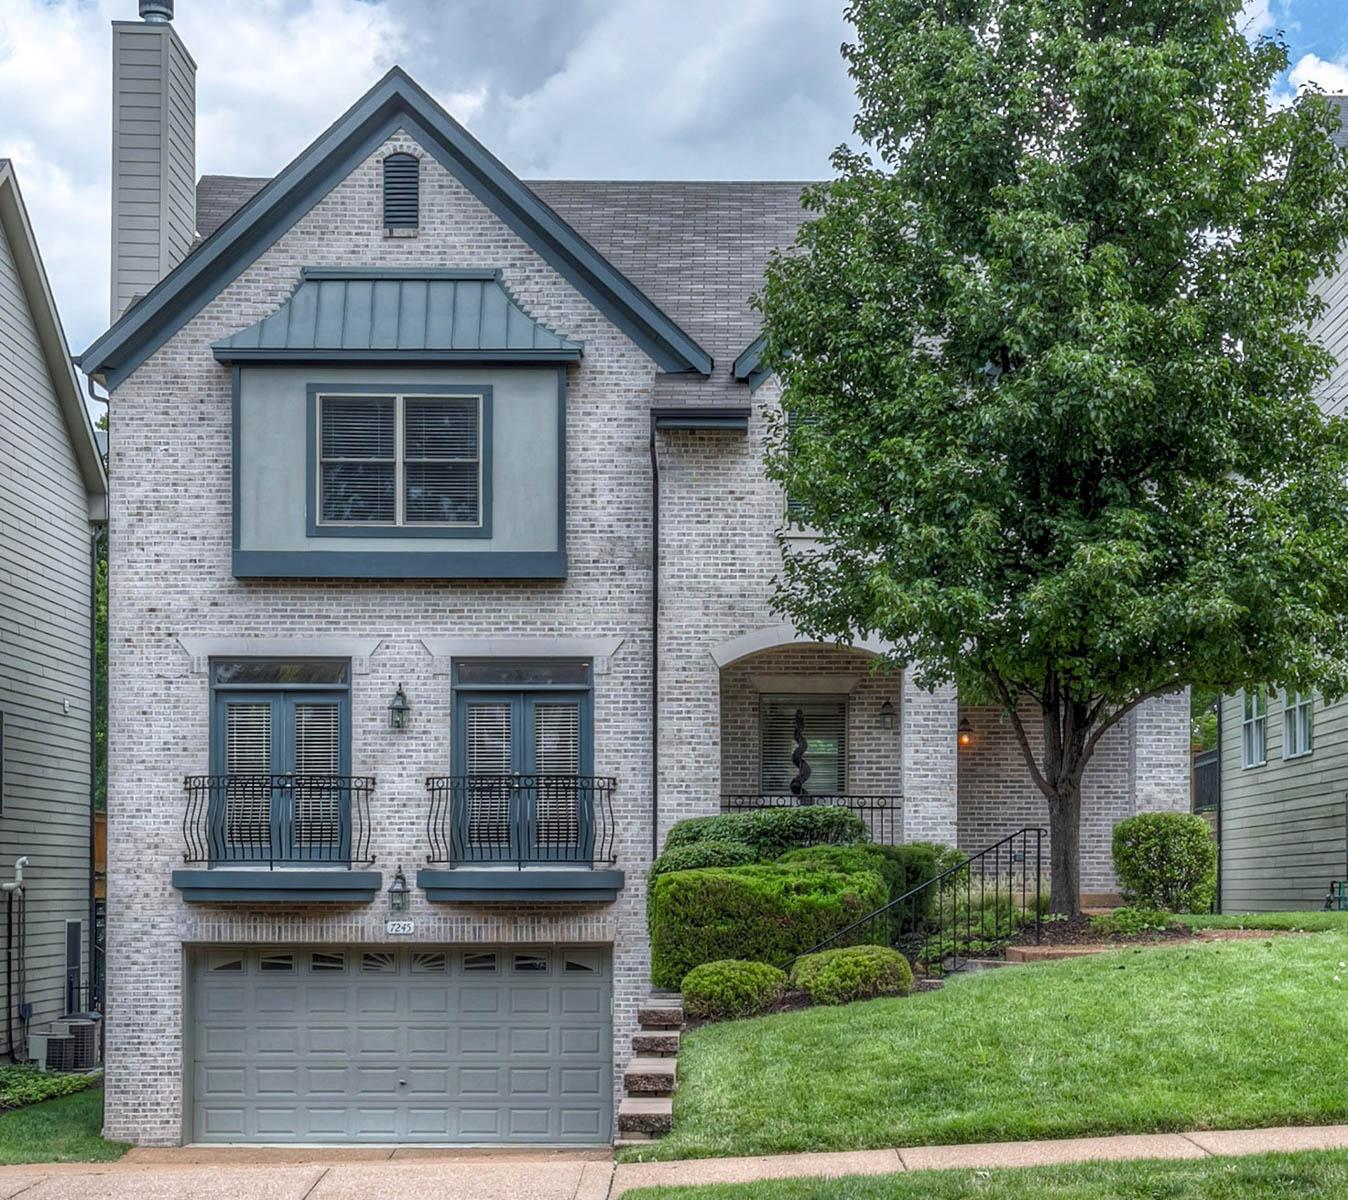 Casa Unifamiliar por un Venta en Forsyth Blvd 7245 Forsyth Blvd University City, Missouri 63105 Estados Unidos